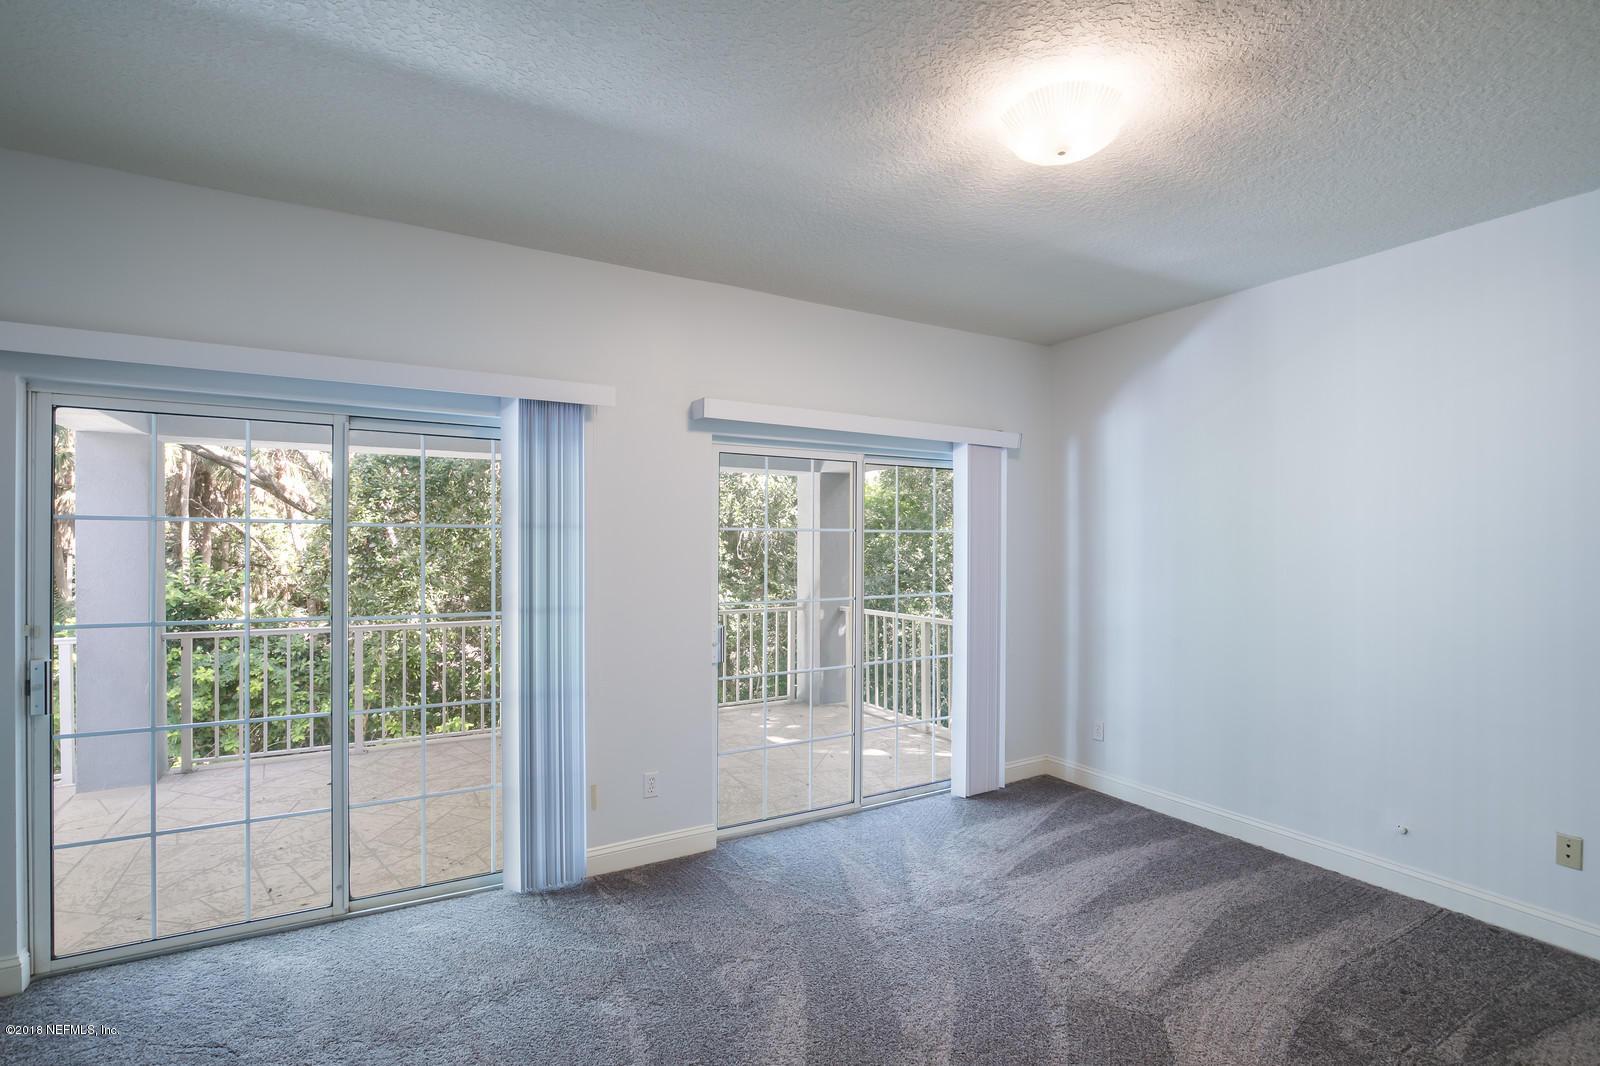 91 OCEAN BREEZE, ATLANTIC BEACH, FLORIDA 32233, 4 Bedrooms Bedrooms, ,3 BathroomsBathrooms,Residential - single family,For sale,OCEAN BREEZE,938901